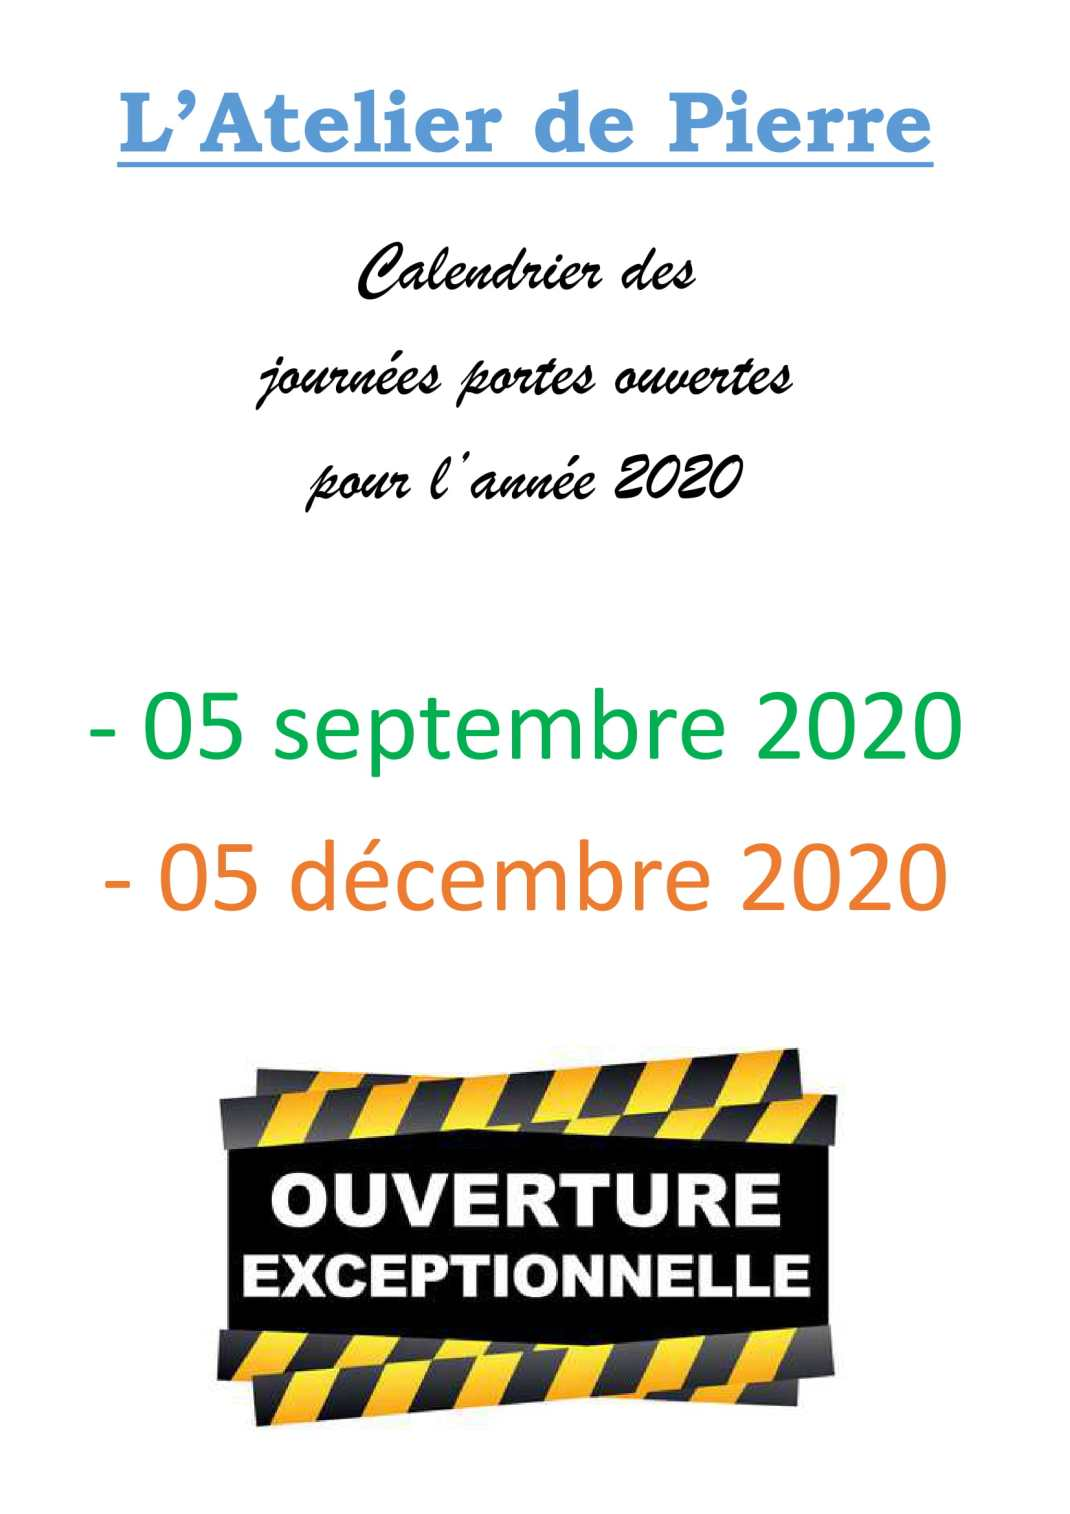 Calendrier jpo 2020 - dernière version.pub-1